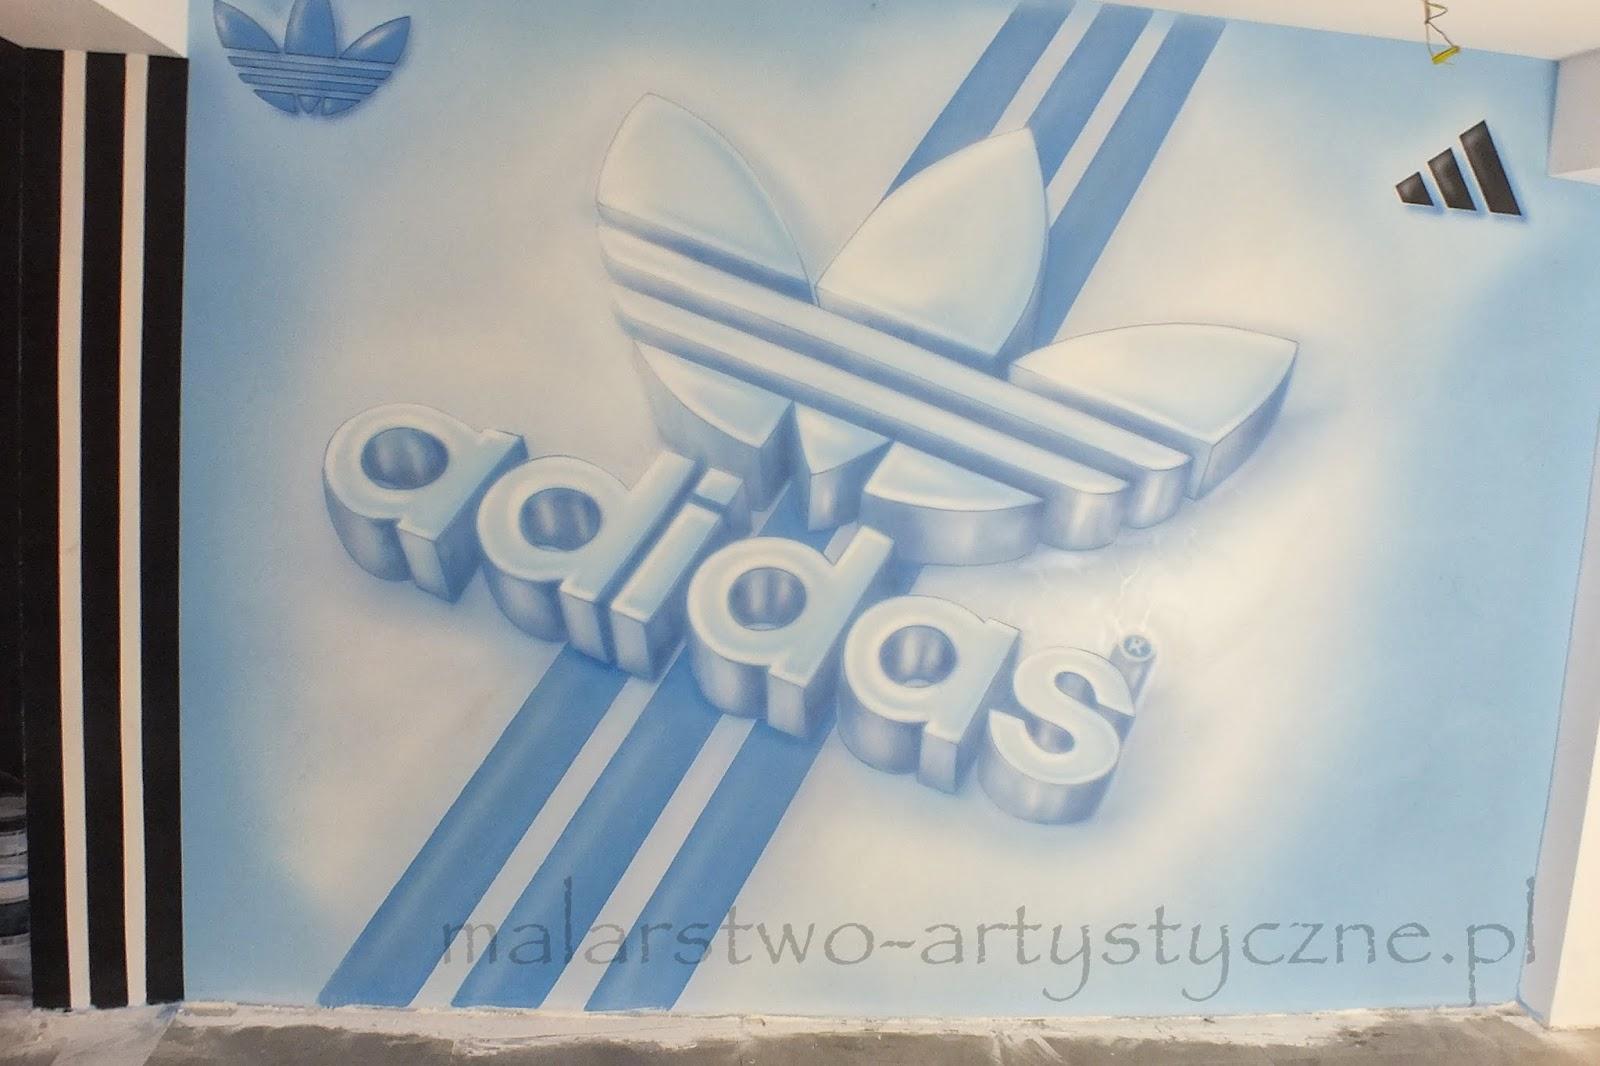 rtystyczne malowanie obrazu na ścianie w sklepie z butami, aranżacja sklepu poprzez malowanie, Warszawa